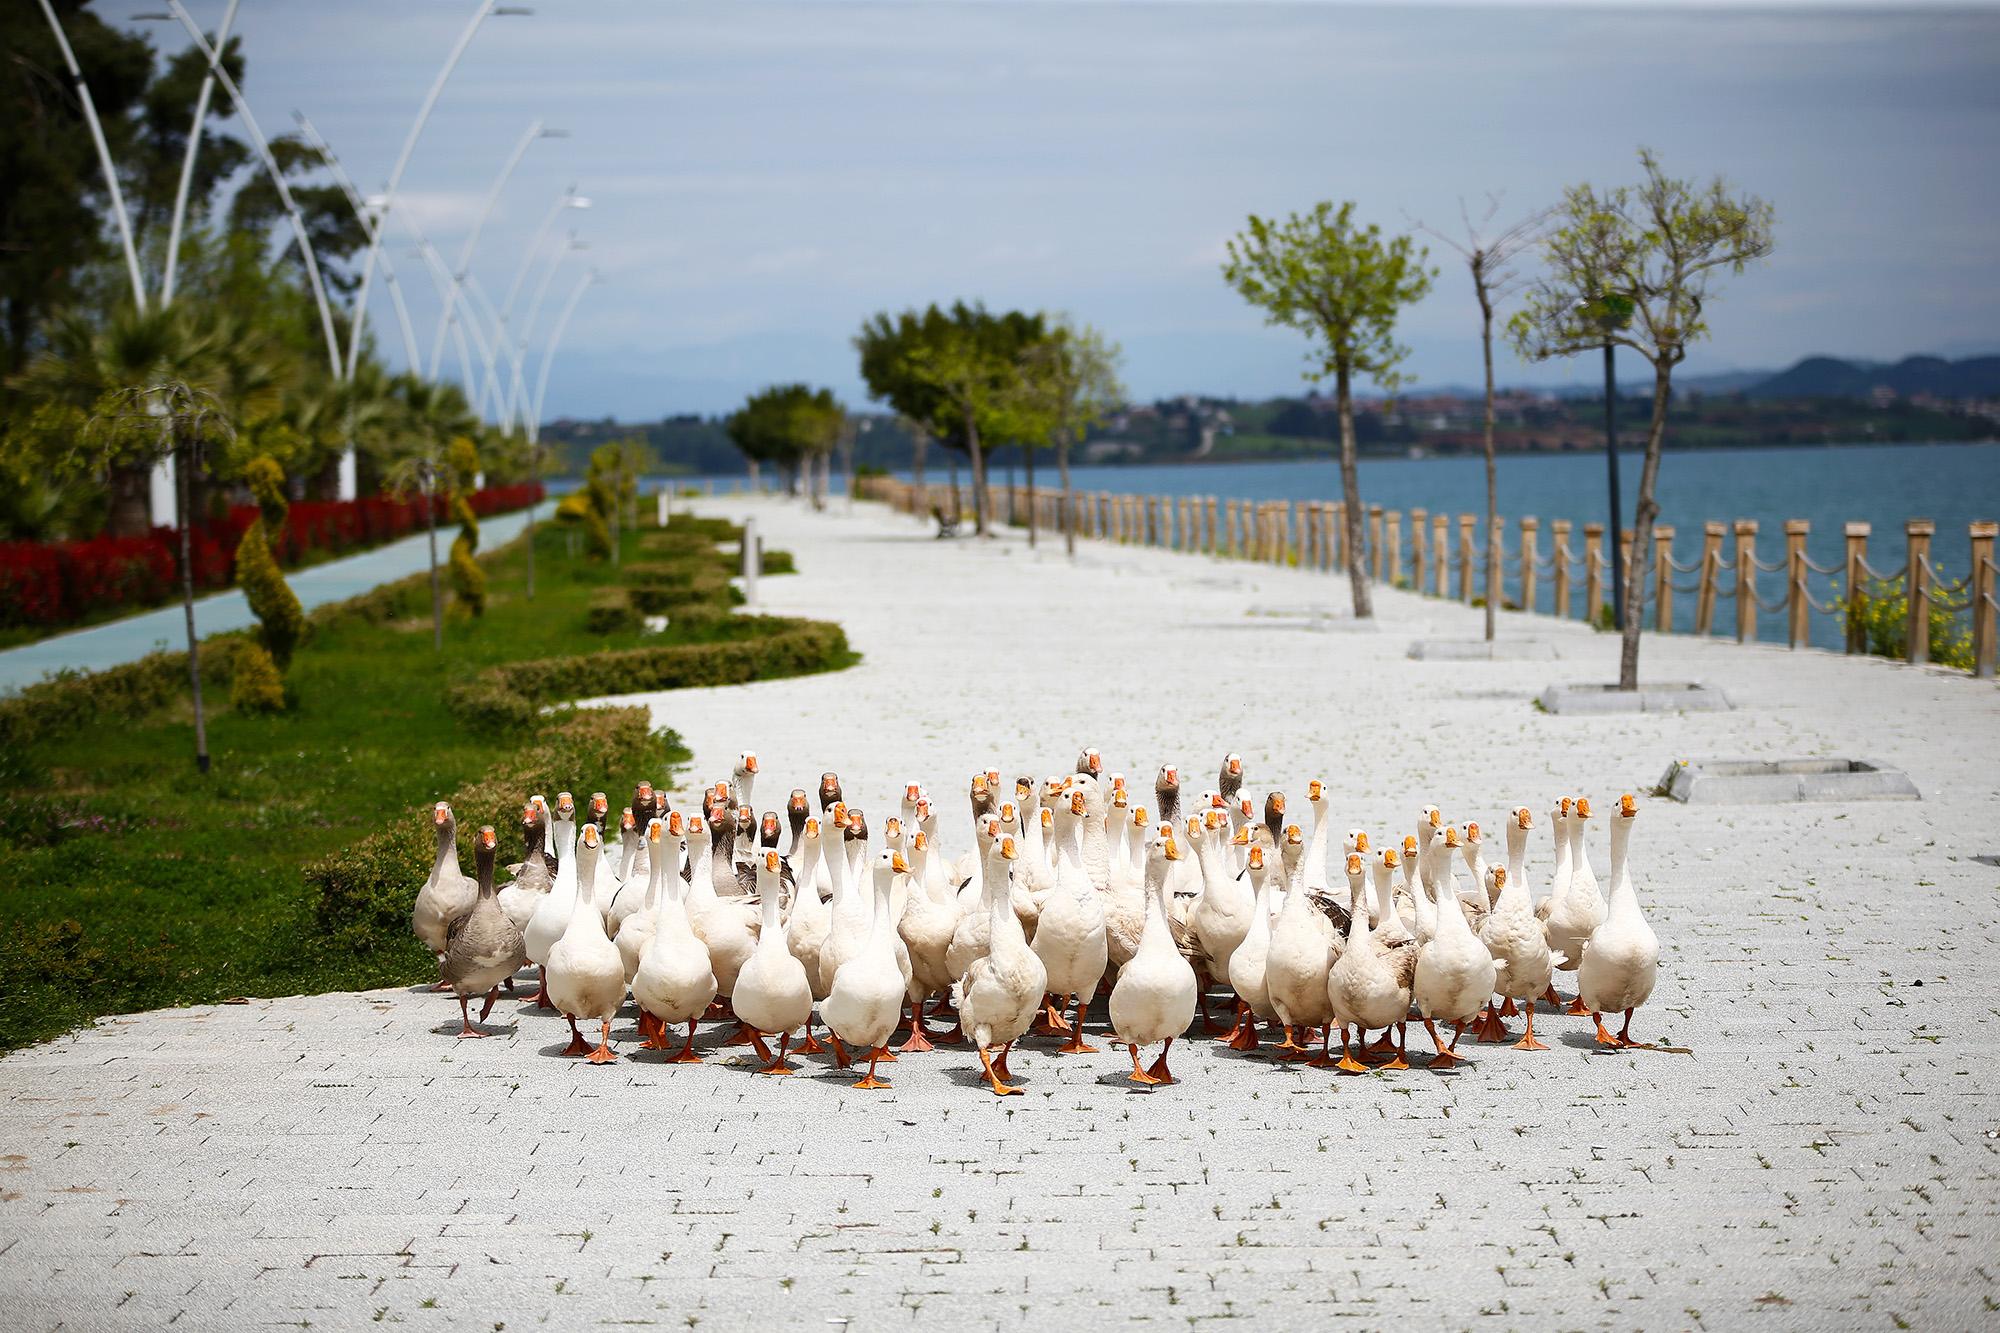 Утки прогуливаются попустой набережной вгороде Адана, Турция